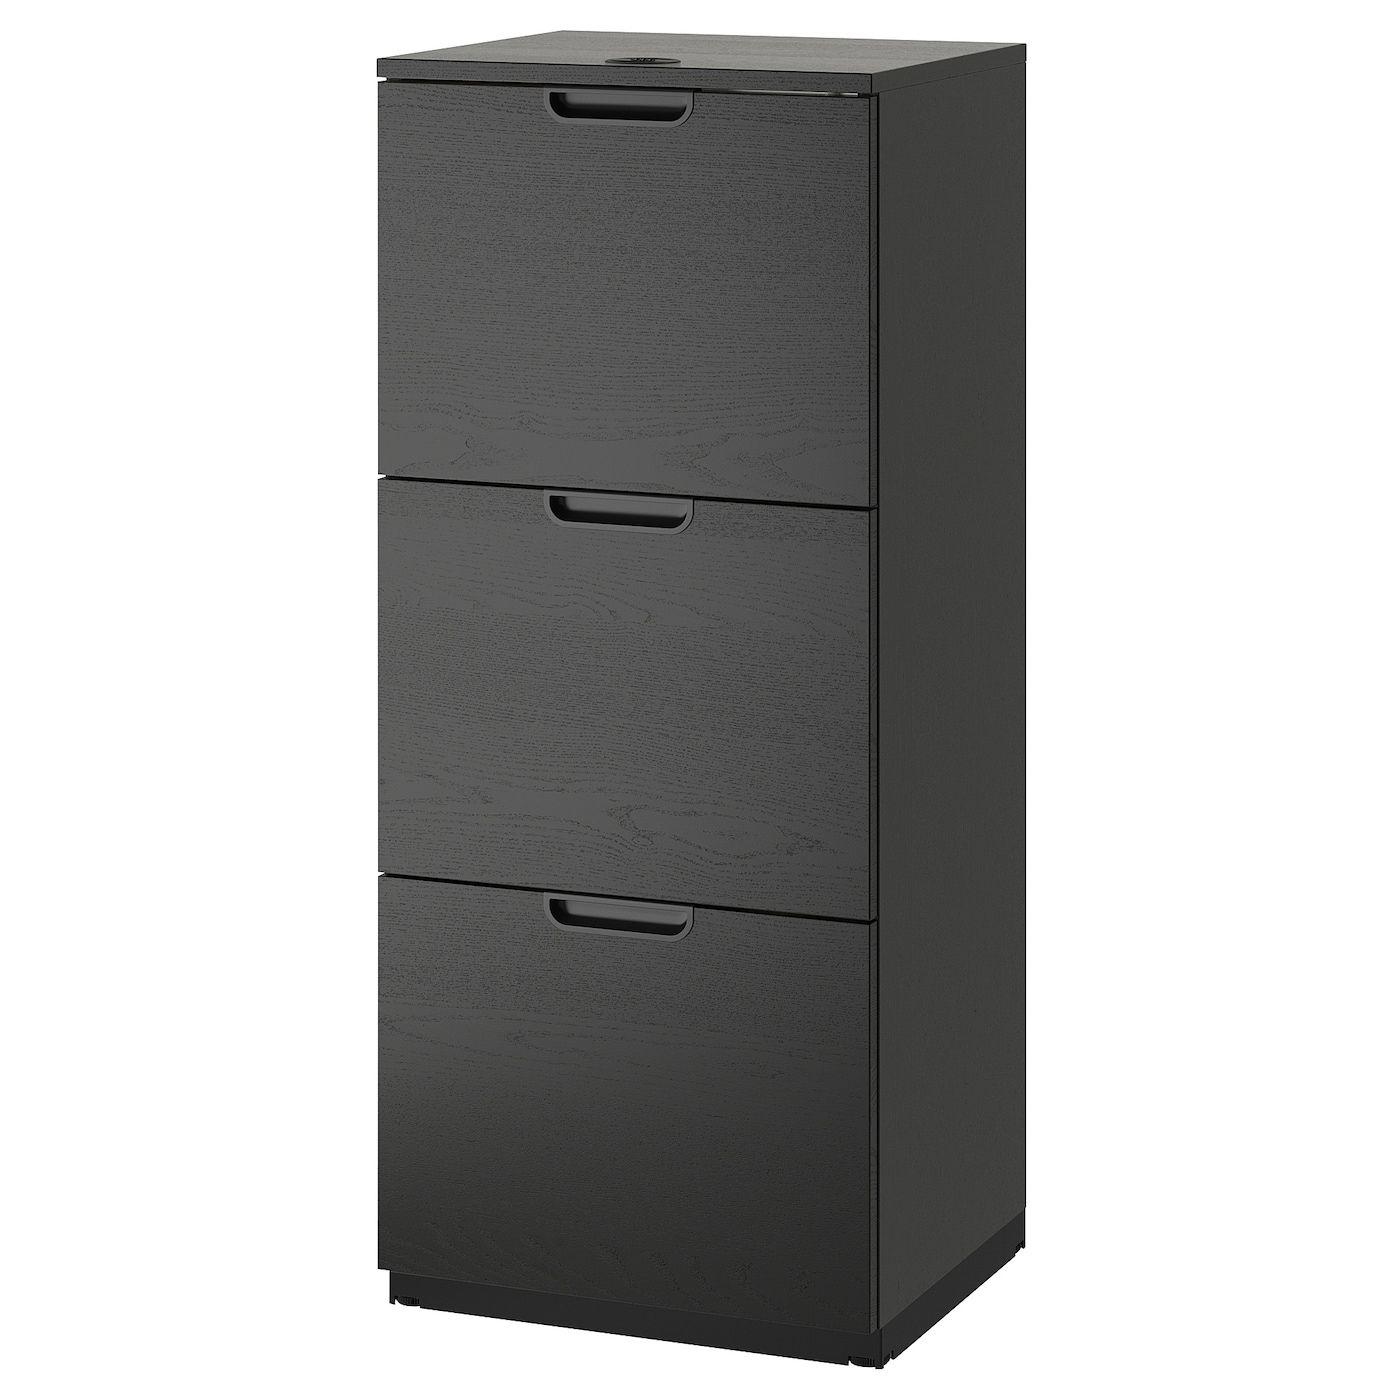 Galant Aktenschrank Schwarz Gebeiztes Eschenfurnier Ikea Osterreich In 2020 Filing Cabinet Plastic File Cabinet Ikea Galant